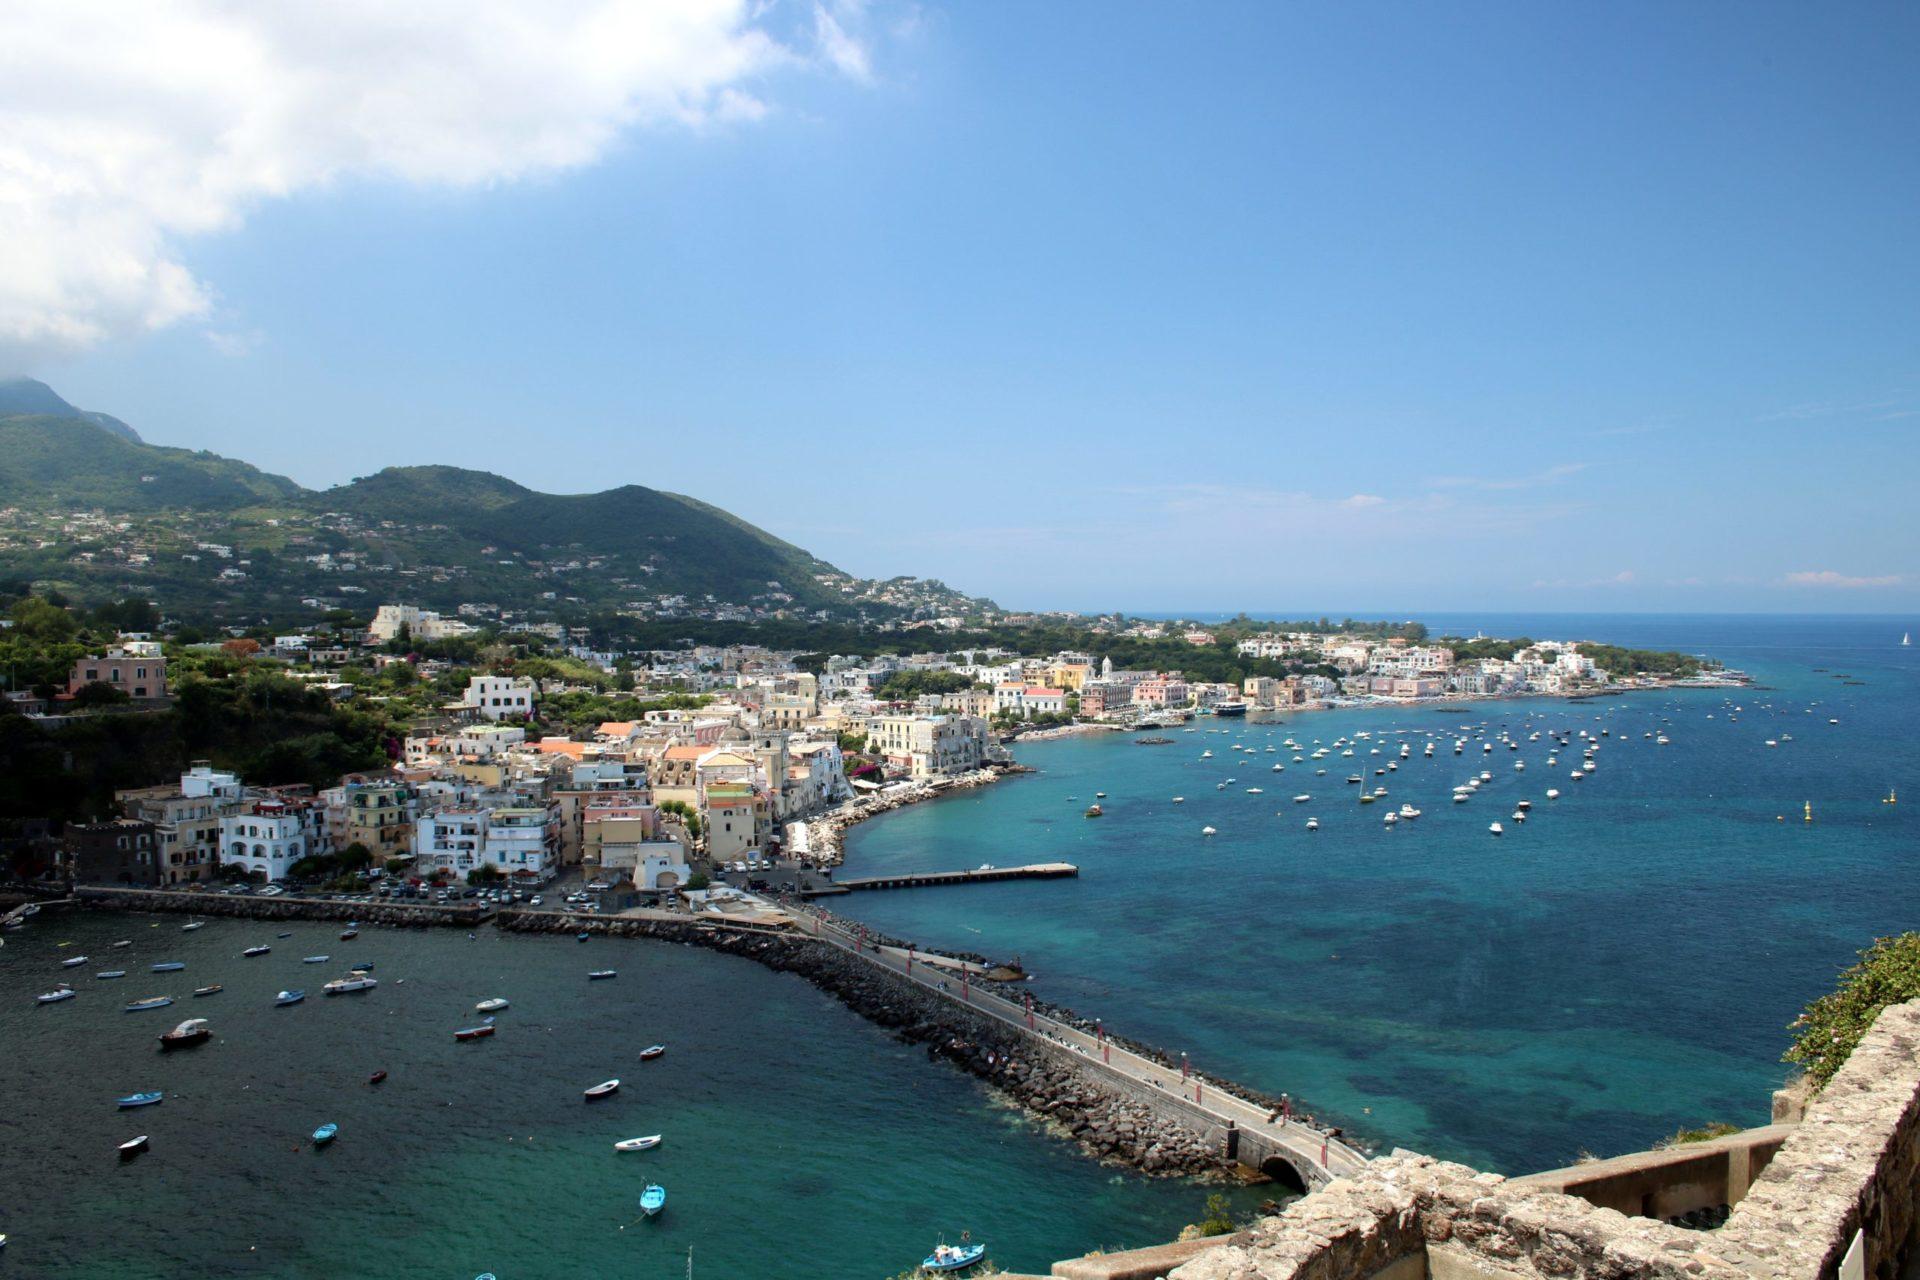 Wassertemperatur Ischia: Blick vom Castello Aragonese auf den Ortsteil Ponte der Gemeinde Ischia